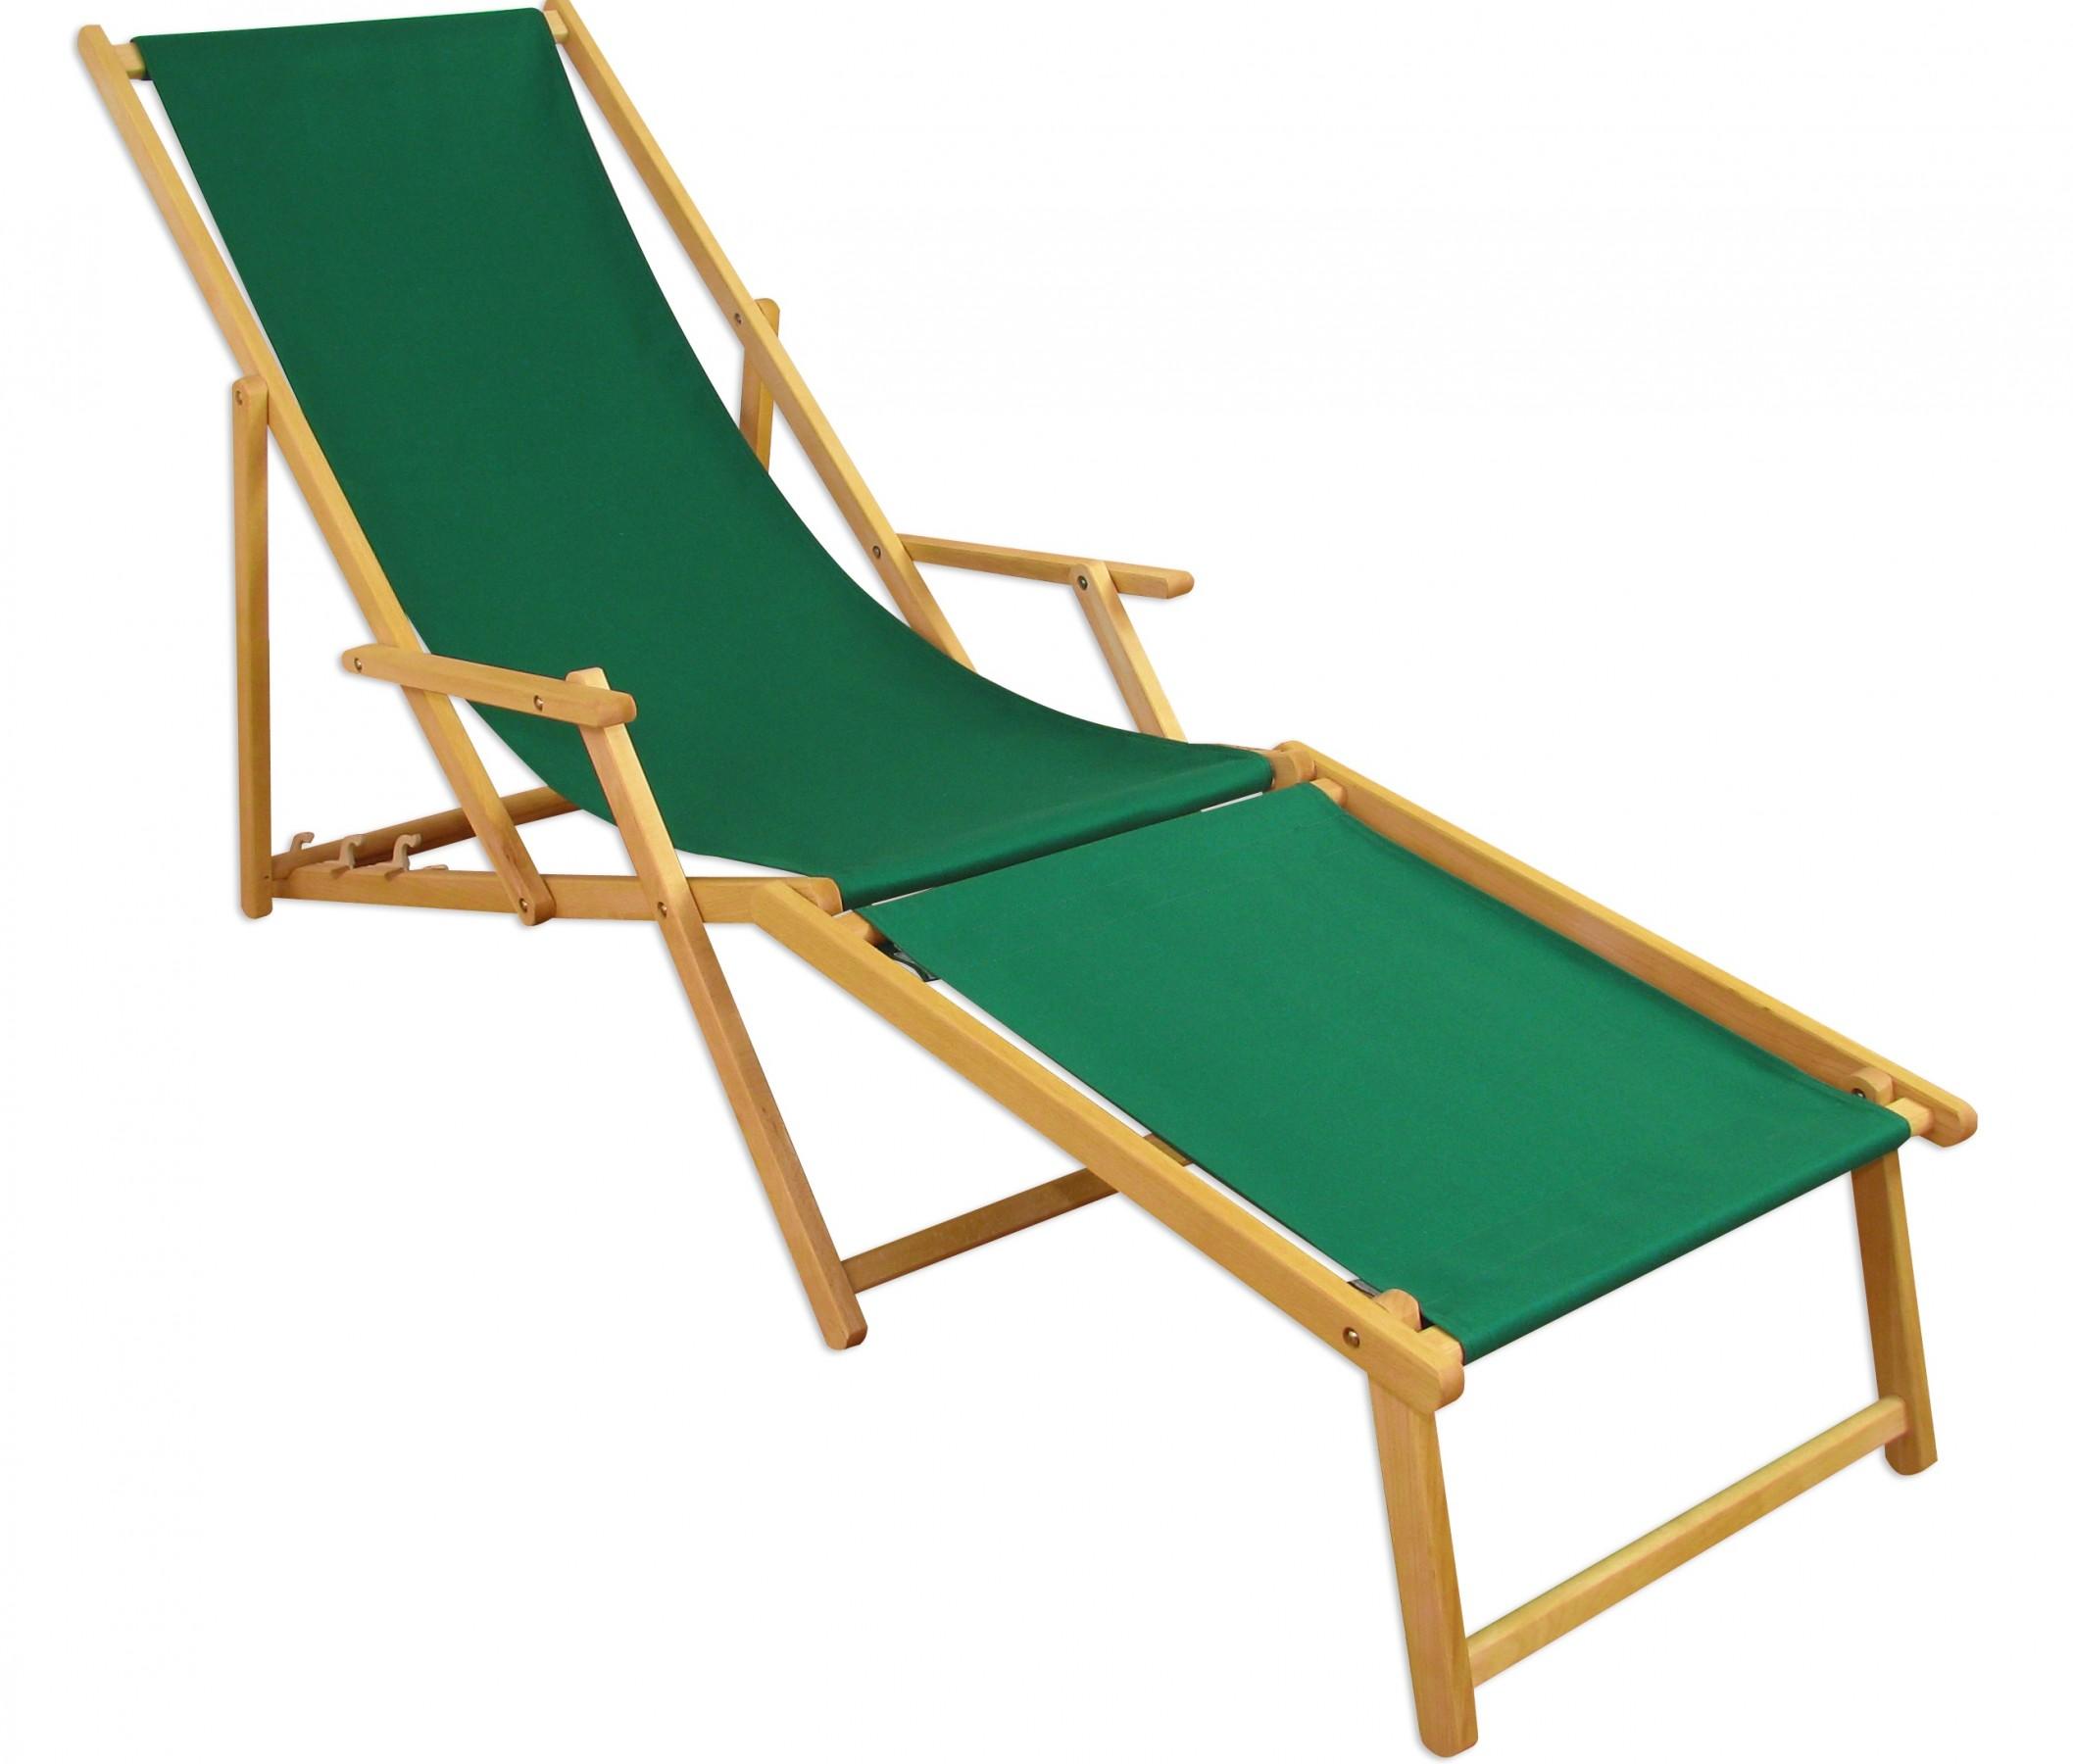 liegestuhl gartenliege deckchair sonnenliege relaxliege gr n fu teil 10 304 n f ebay. Black Bedroom Furniture Sets. Home Design Ideas